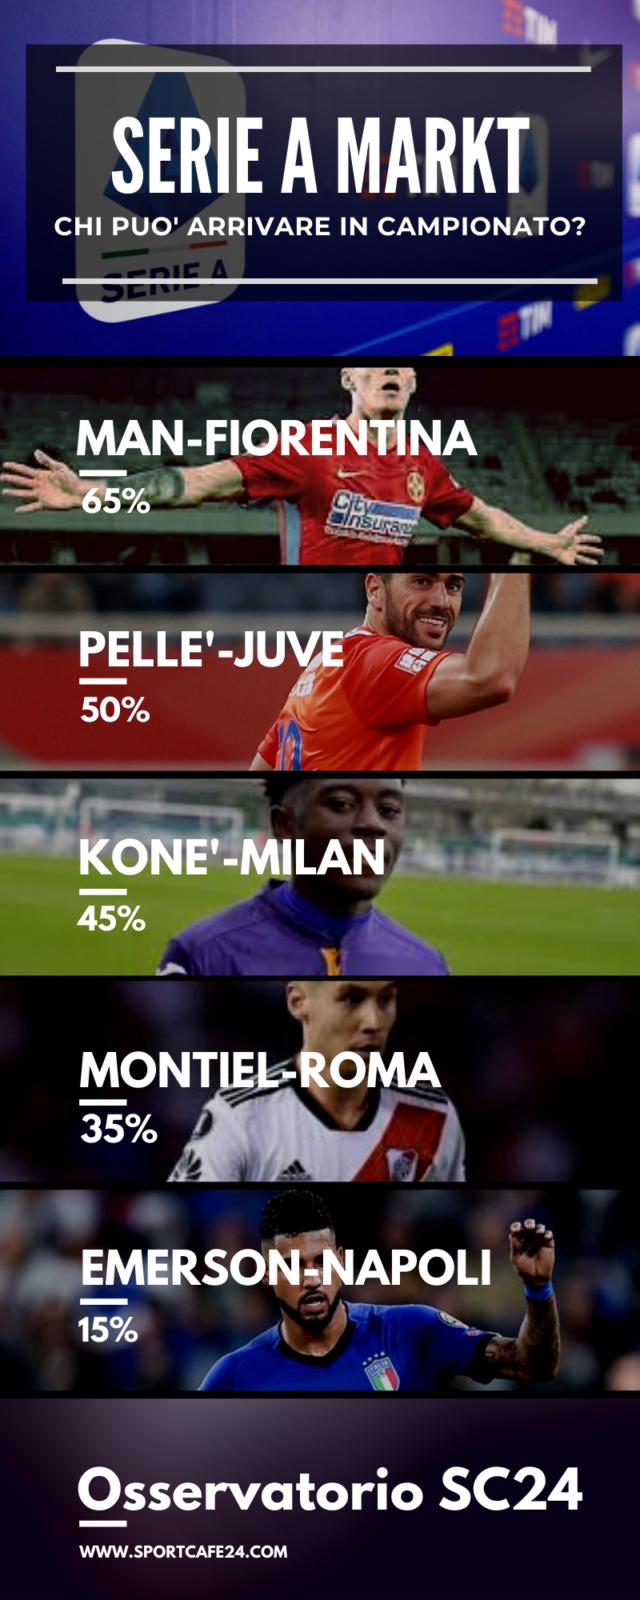 Pellè alla Juventus come vice Morata?